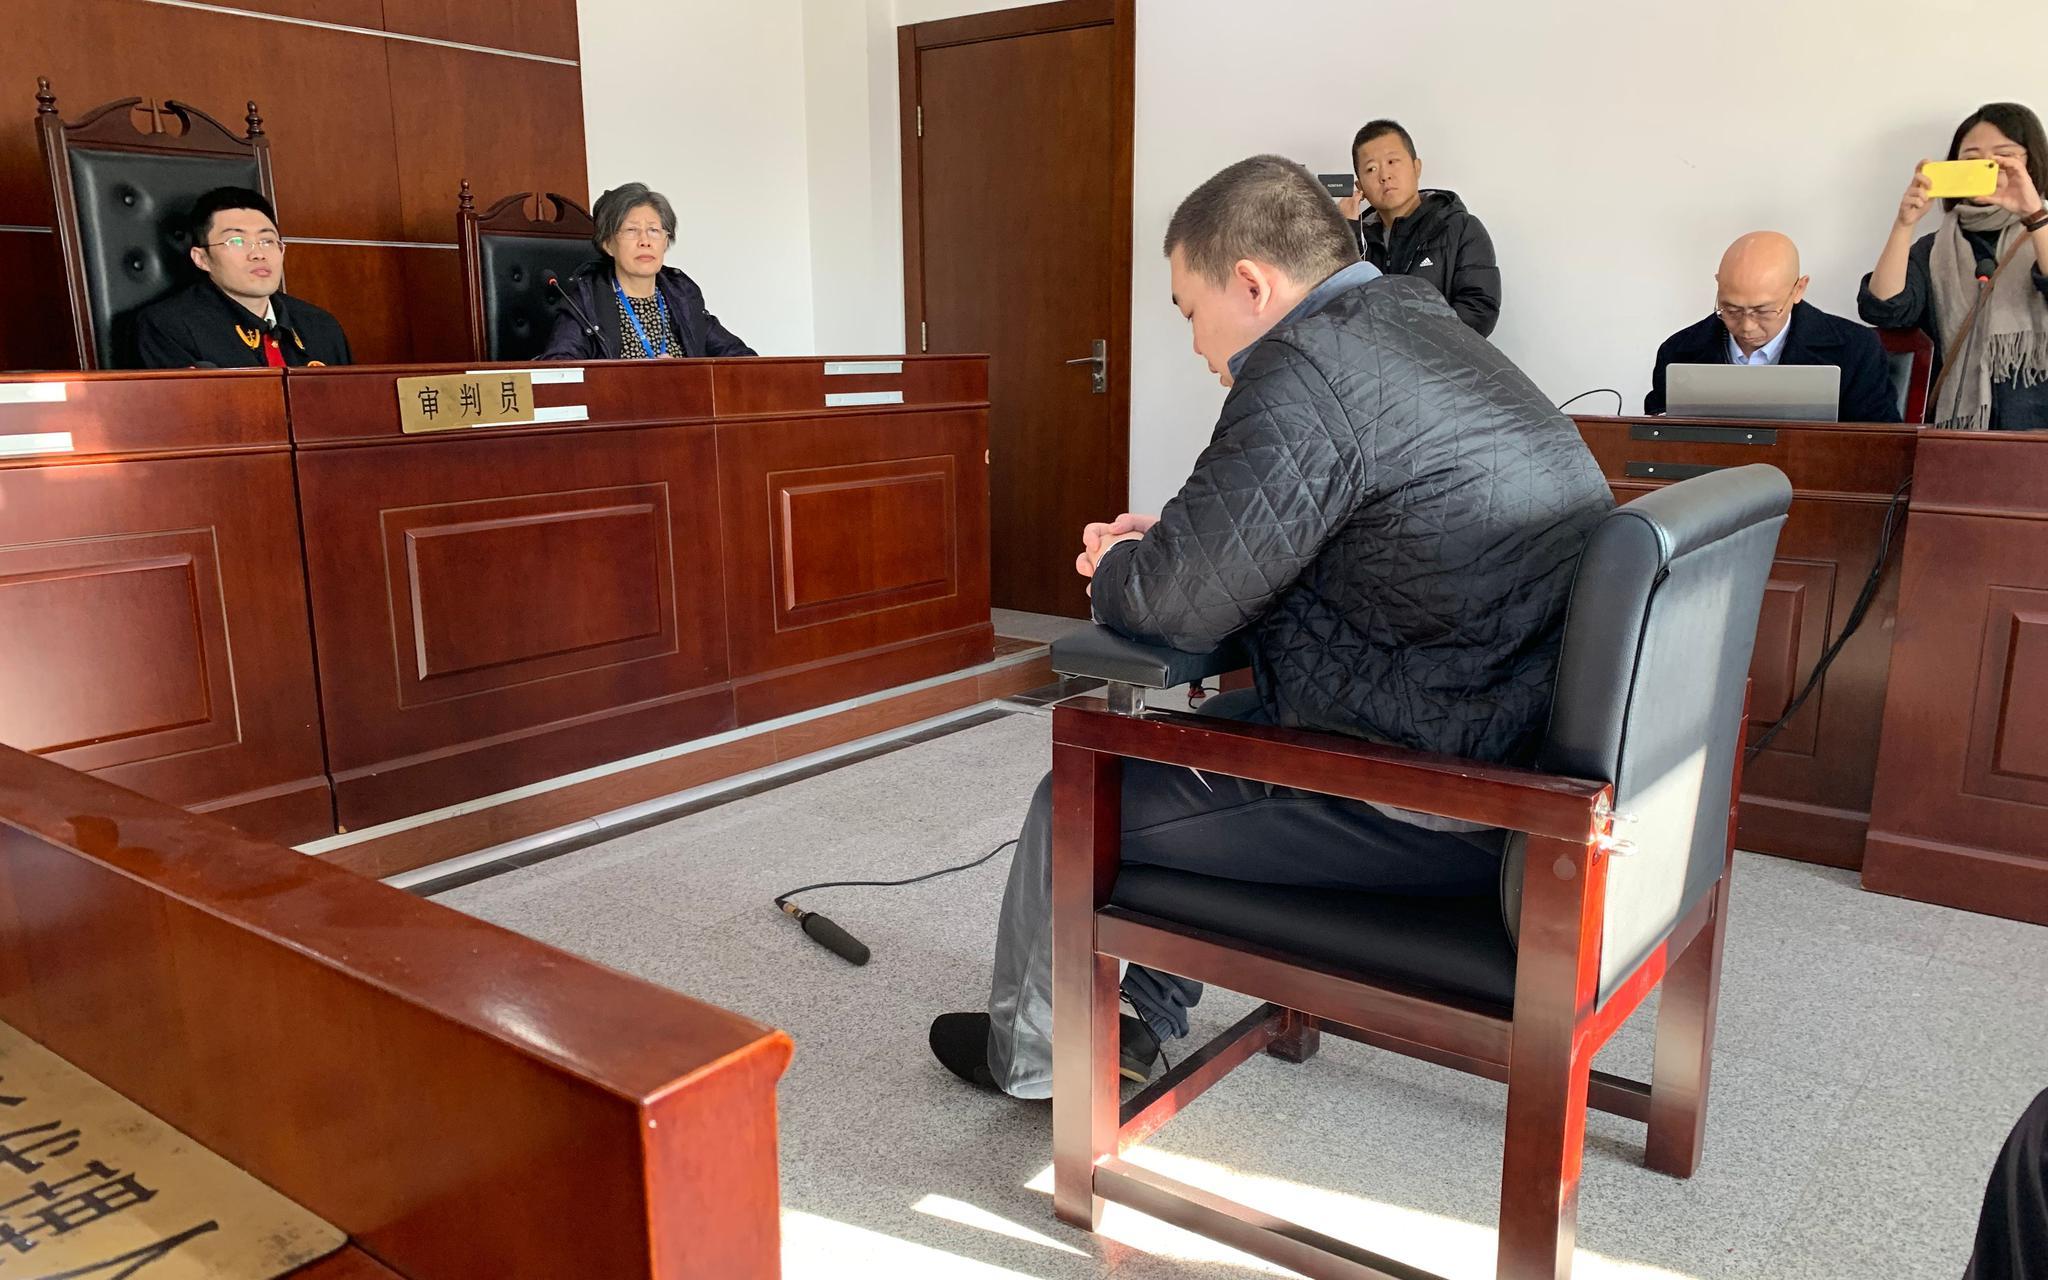 11月25日上午,被告人韩某在北京市朝阳法院受审。新京报记者 刘洋 摄